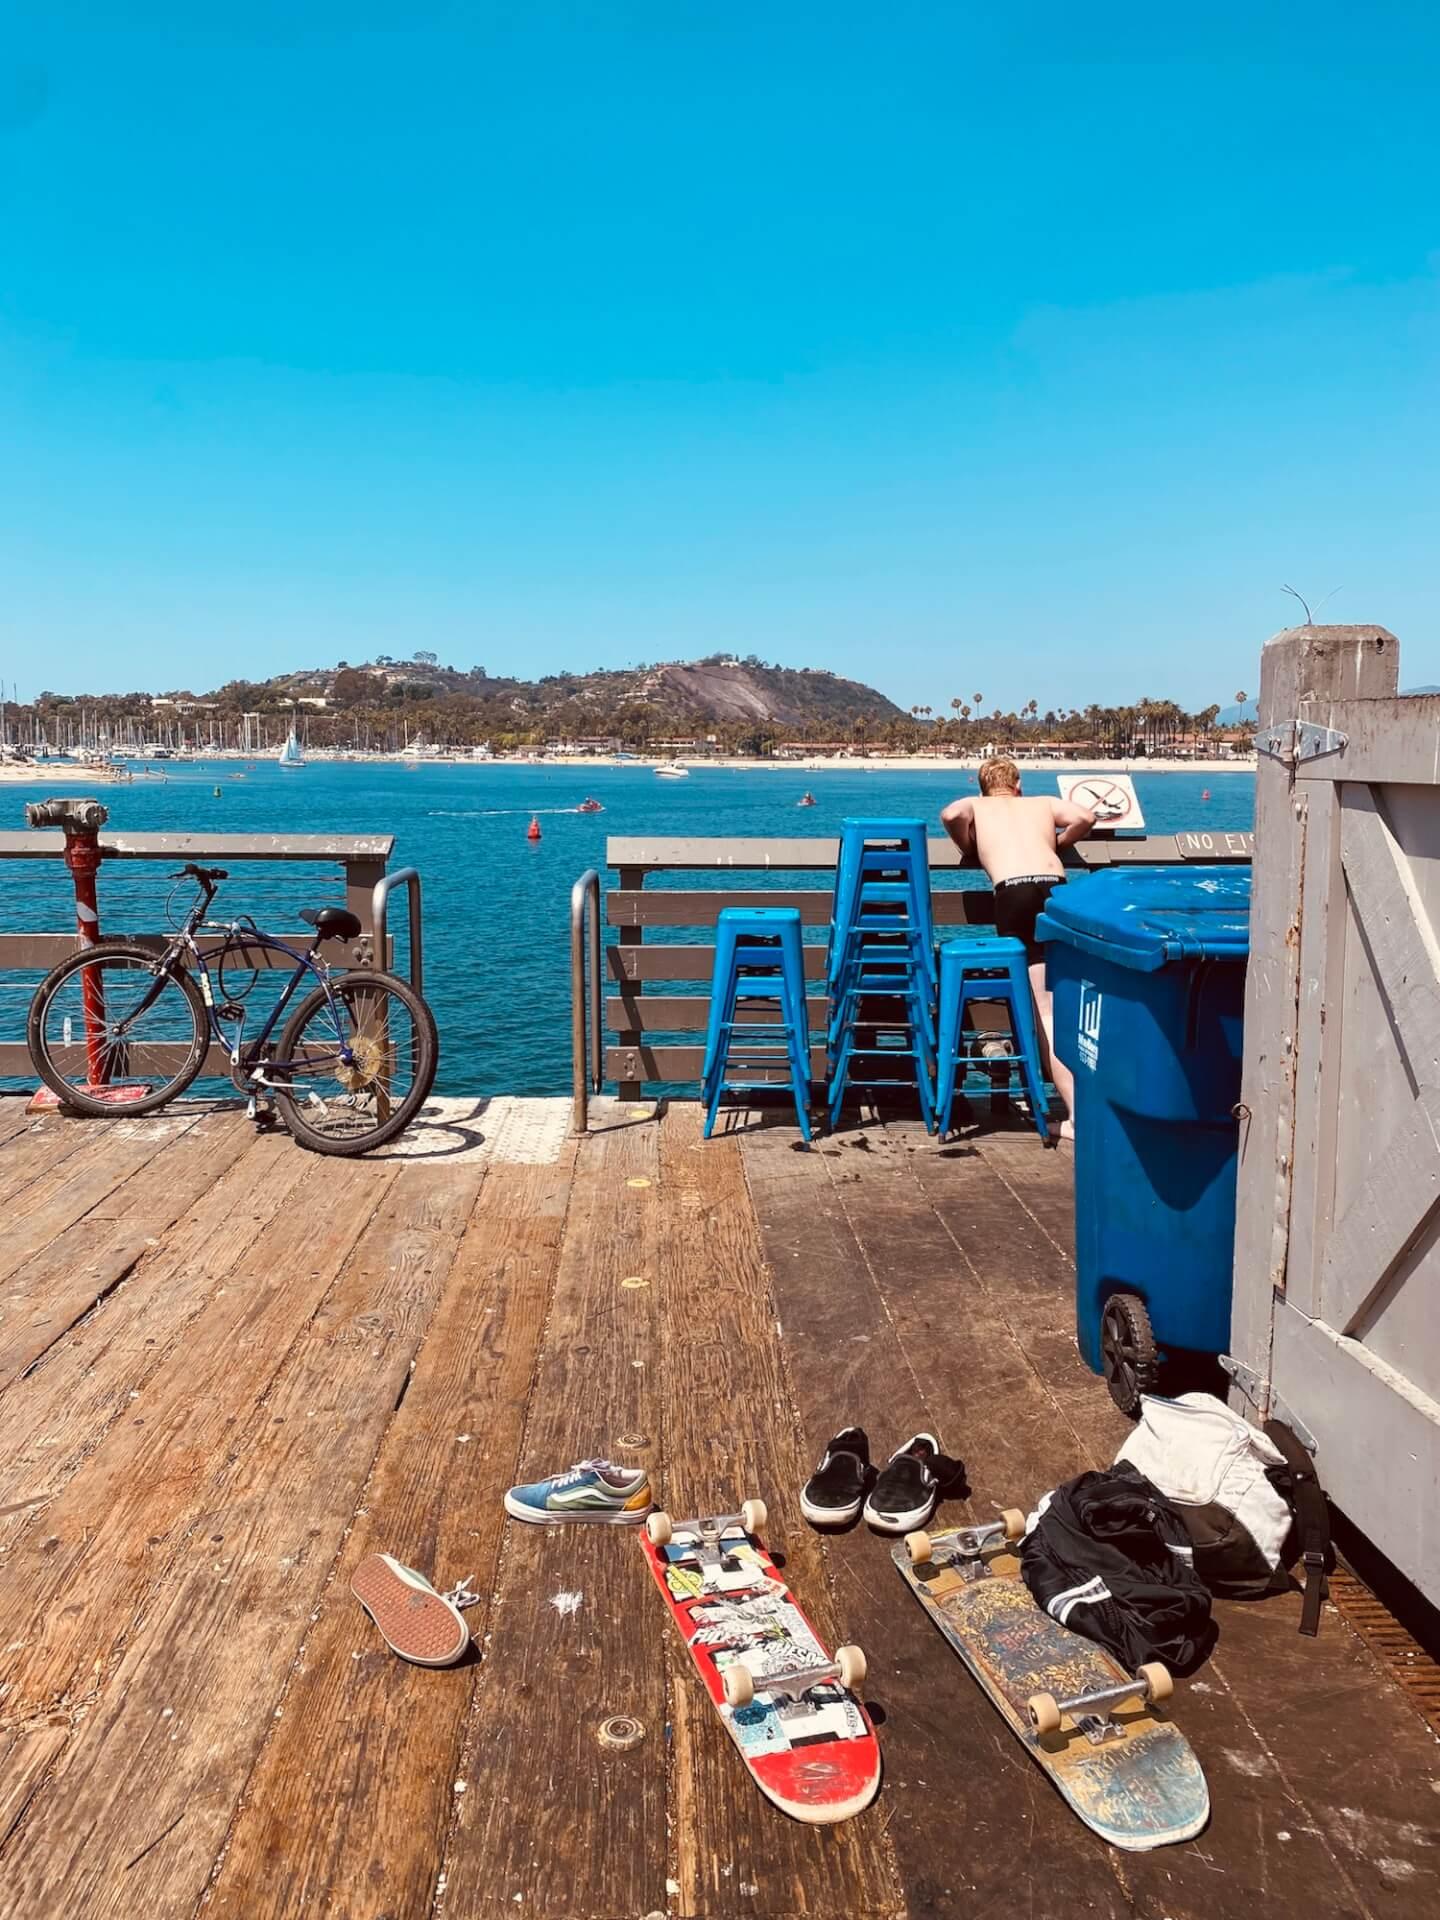 ピース綾部祐二のサンフランシスコ〜LAバイク旅を追う interview2109-yuji-ayabe-LA-24